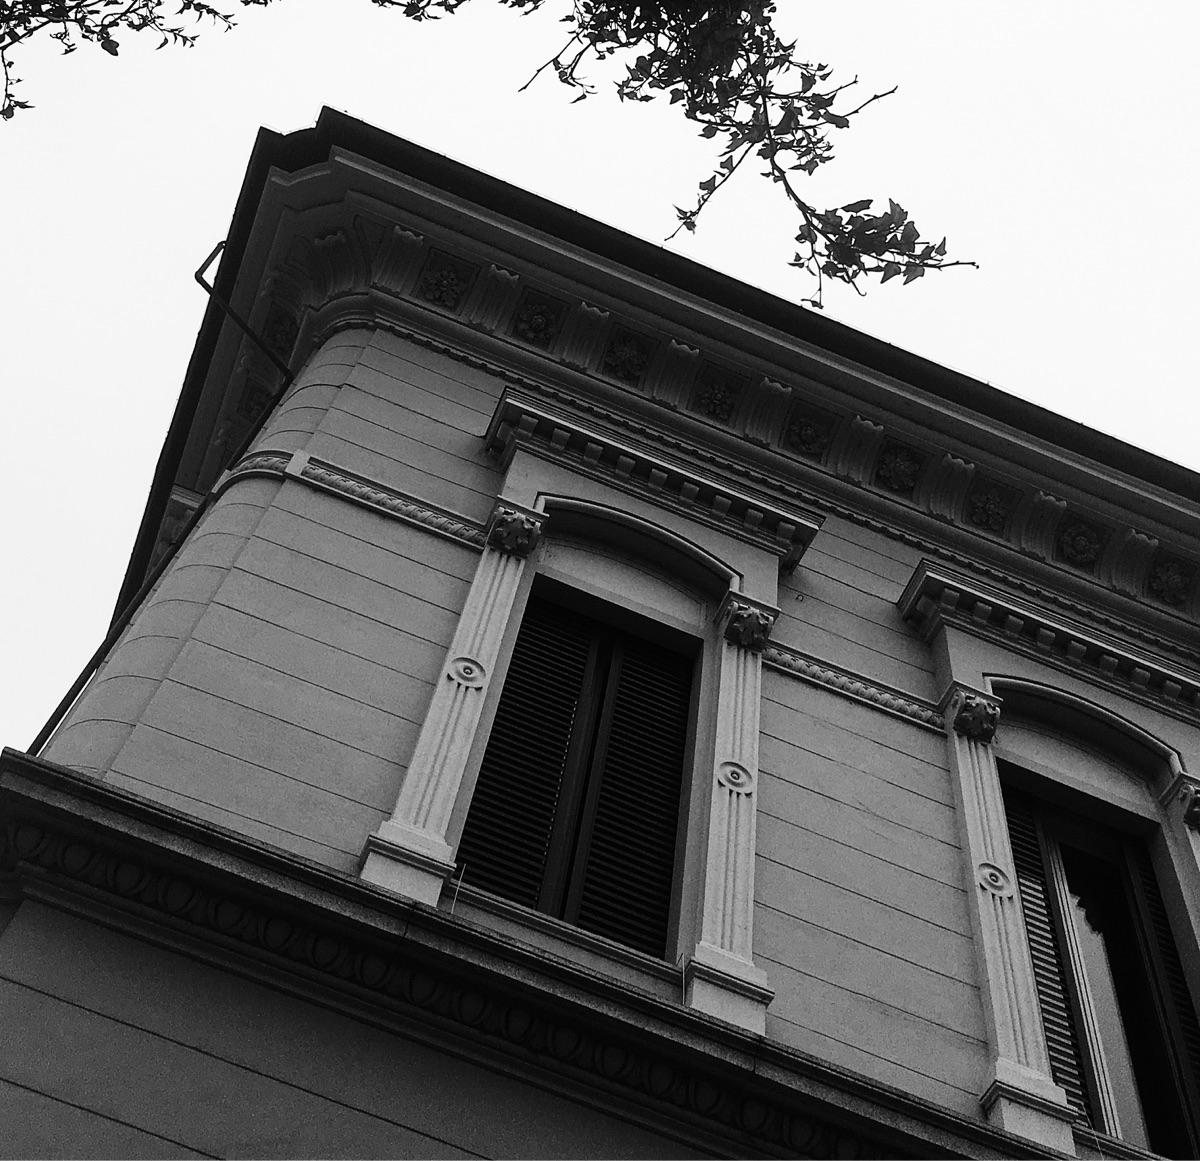 photography, architecture, design - sgarra   ello